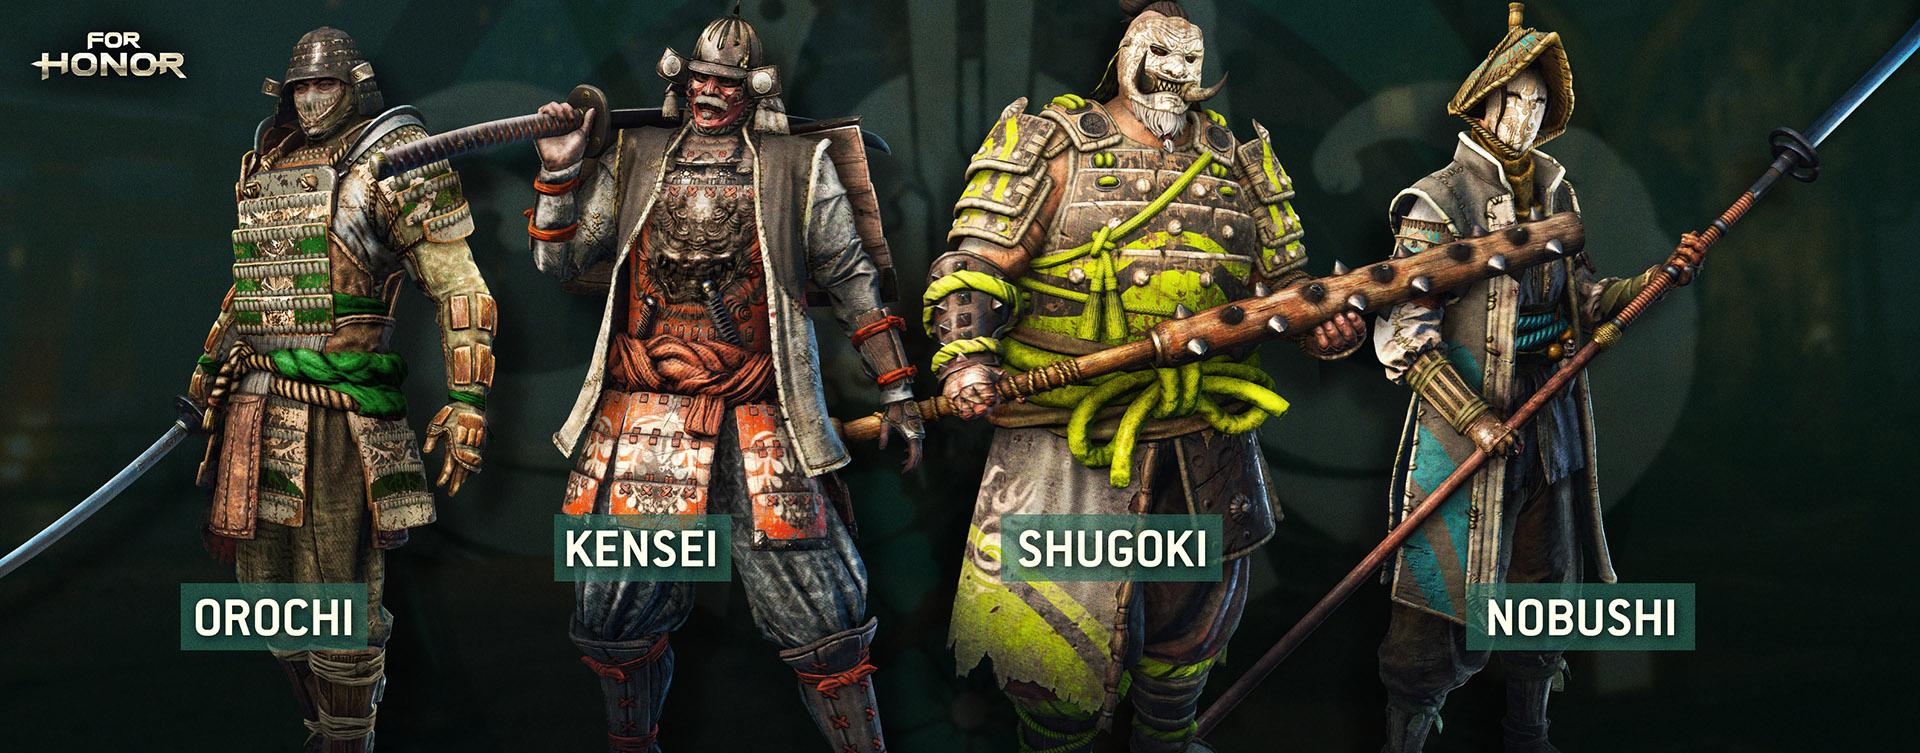 For Honor_samourai.jpg